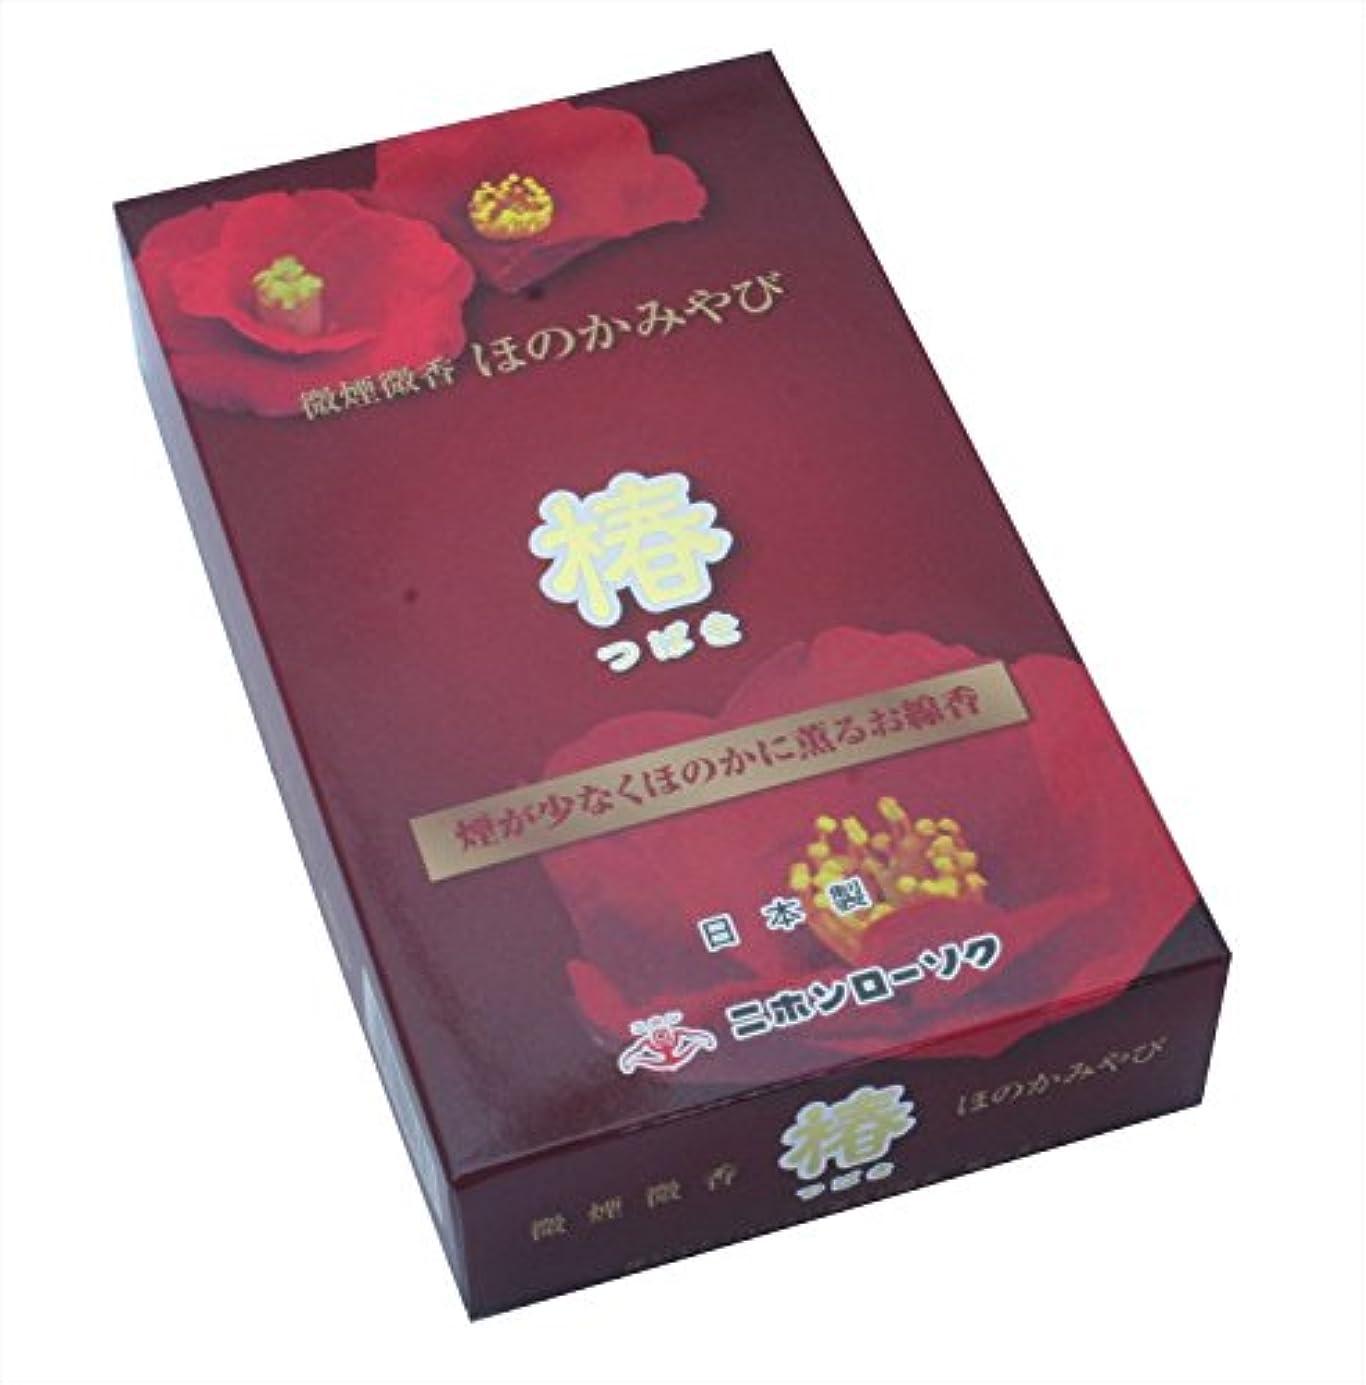 特権的連帯告白ニホンローソク 椿シリーズ 微煙微香 ほのかみやび 椿TSUBAKI